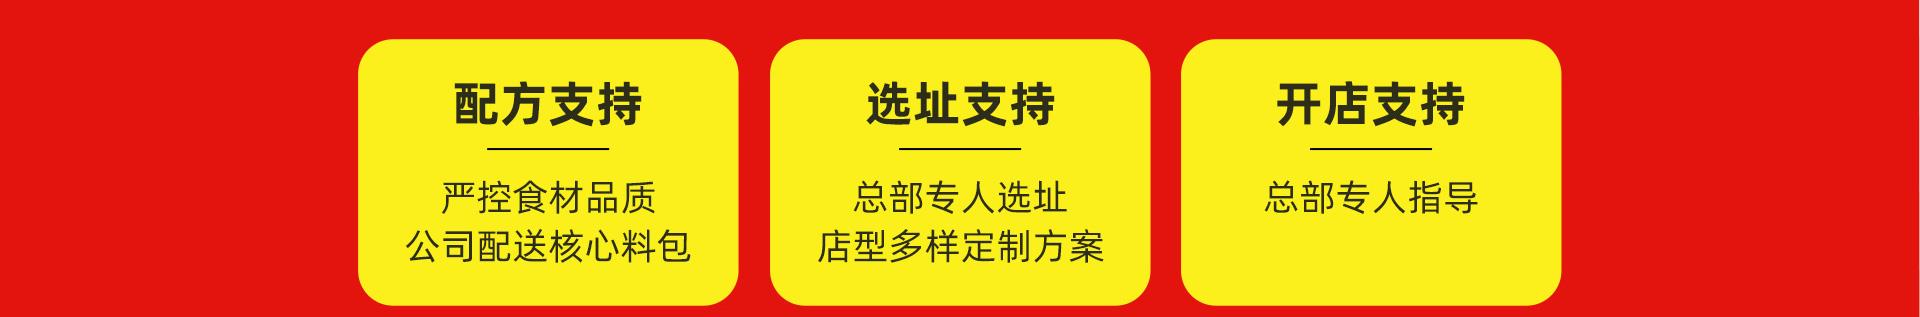 曼玲粥店详情_24